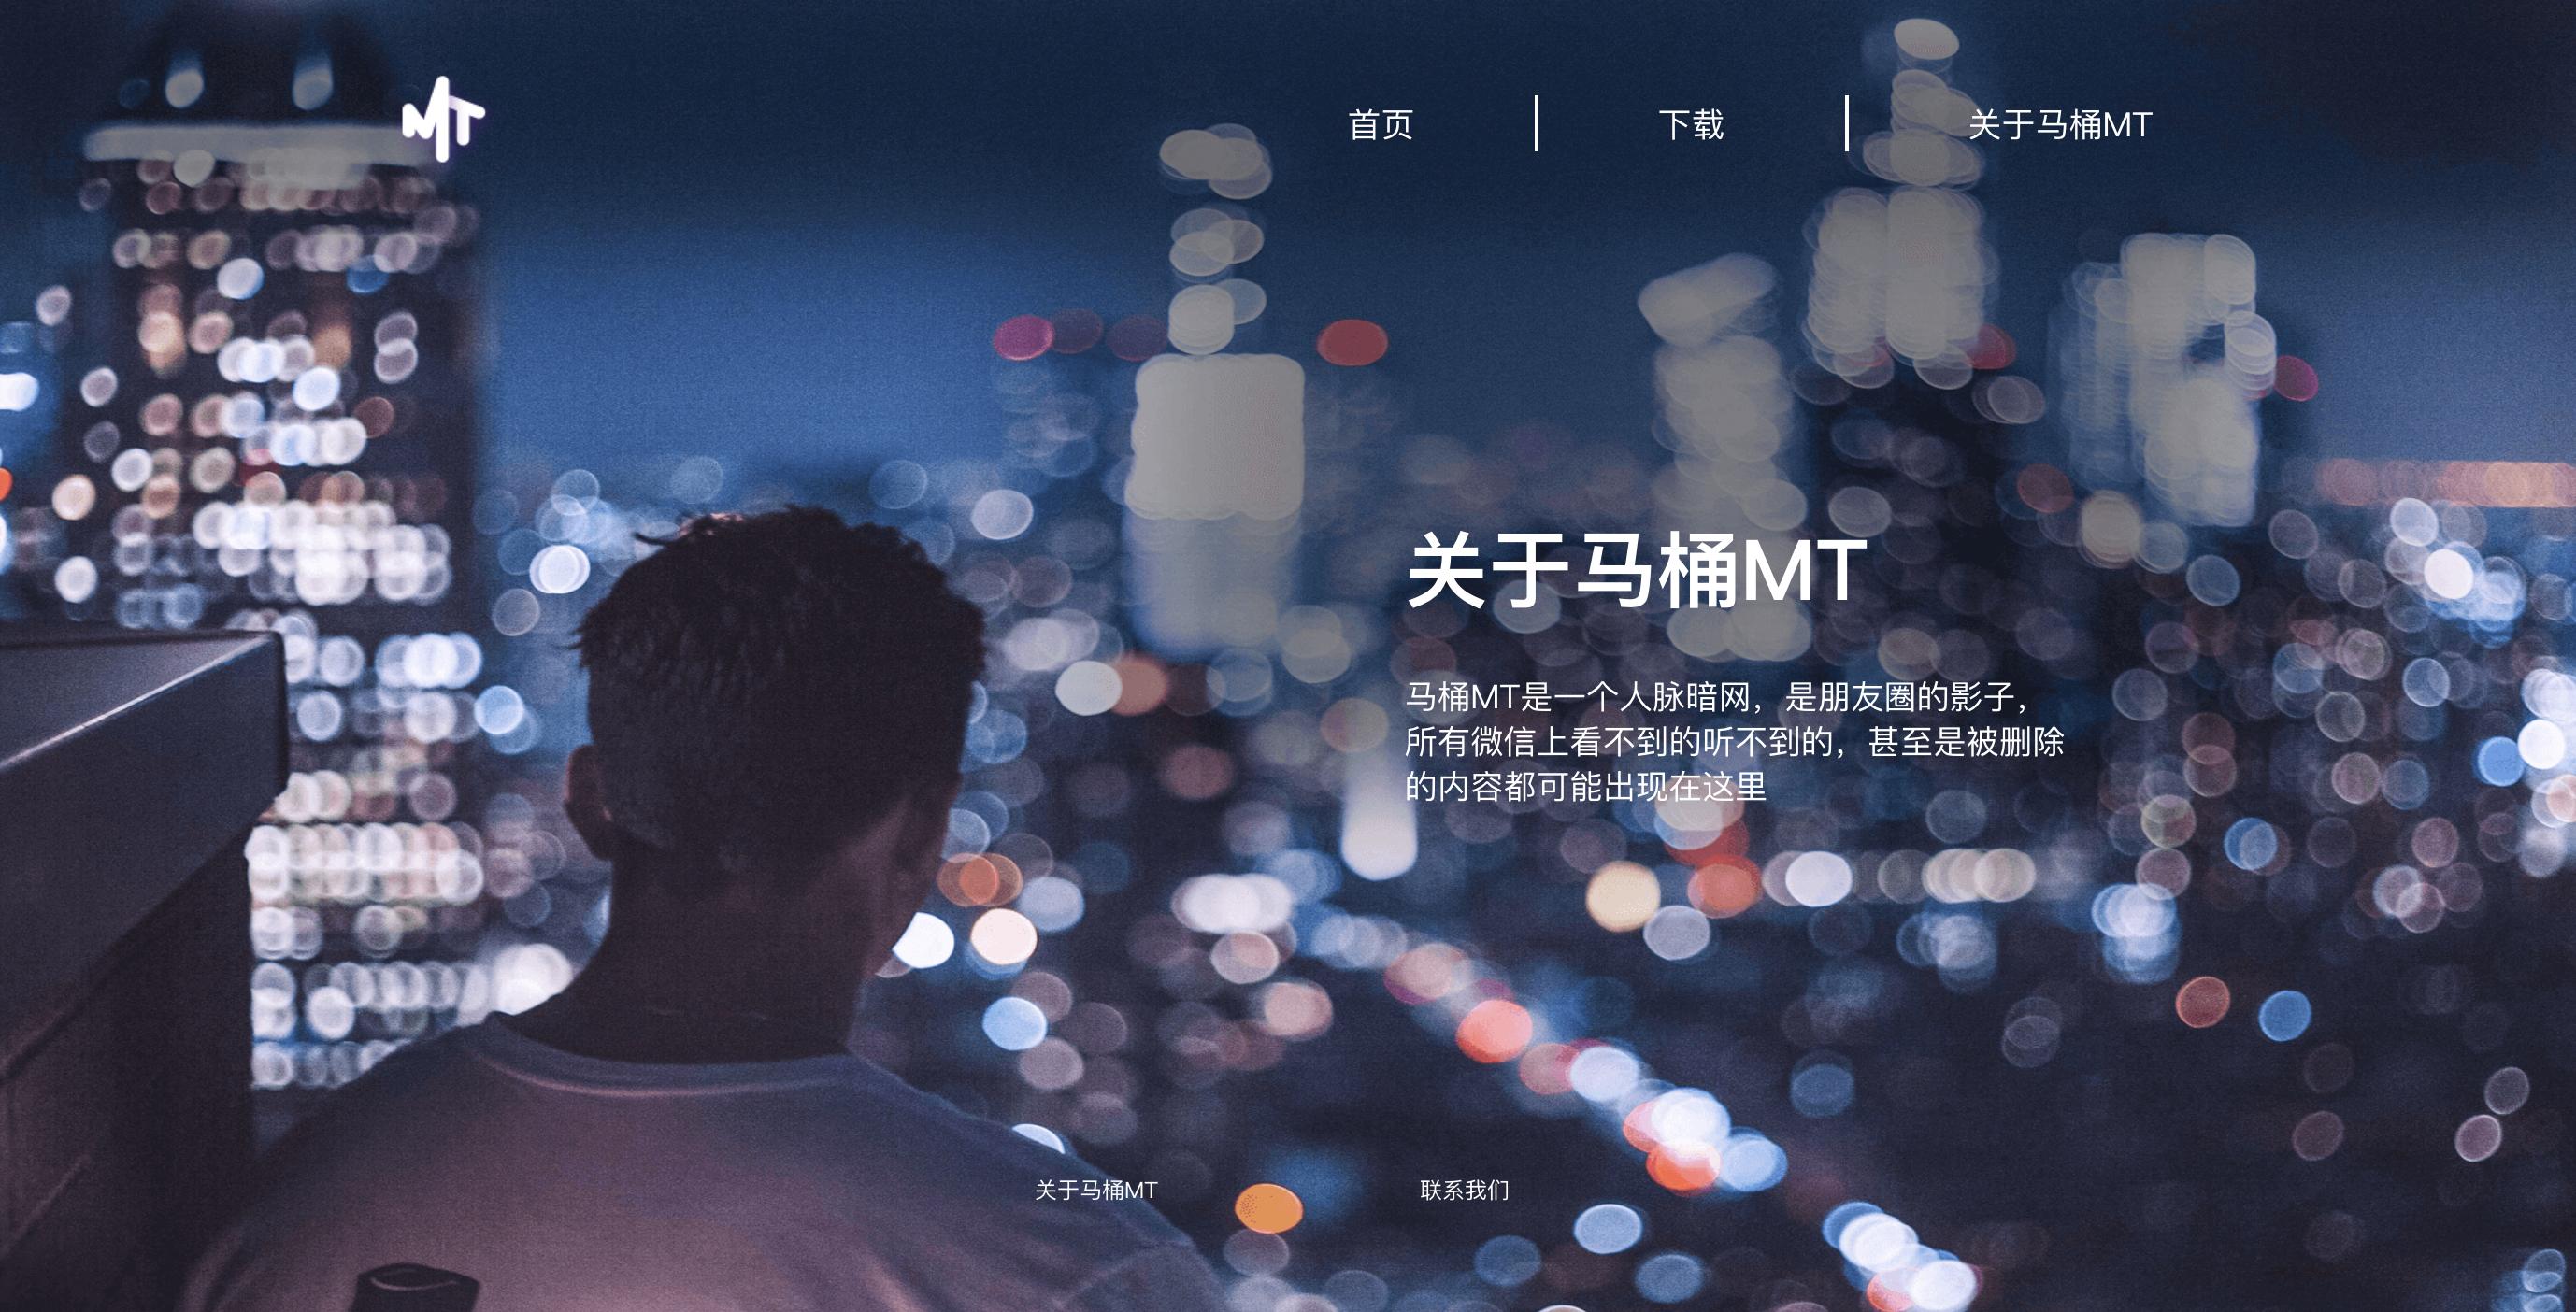 罗永浩、张一鸣、王欣齐发社交软件,这些功能你都了解吗?